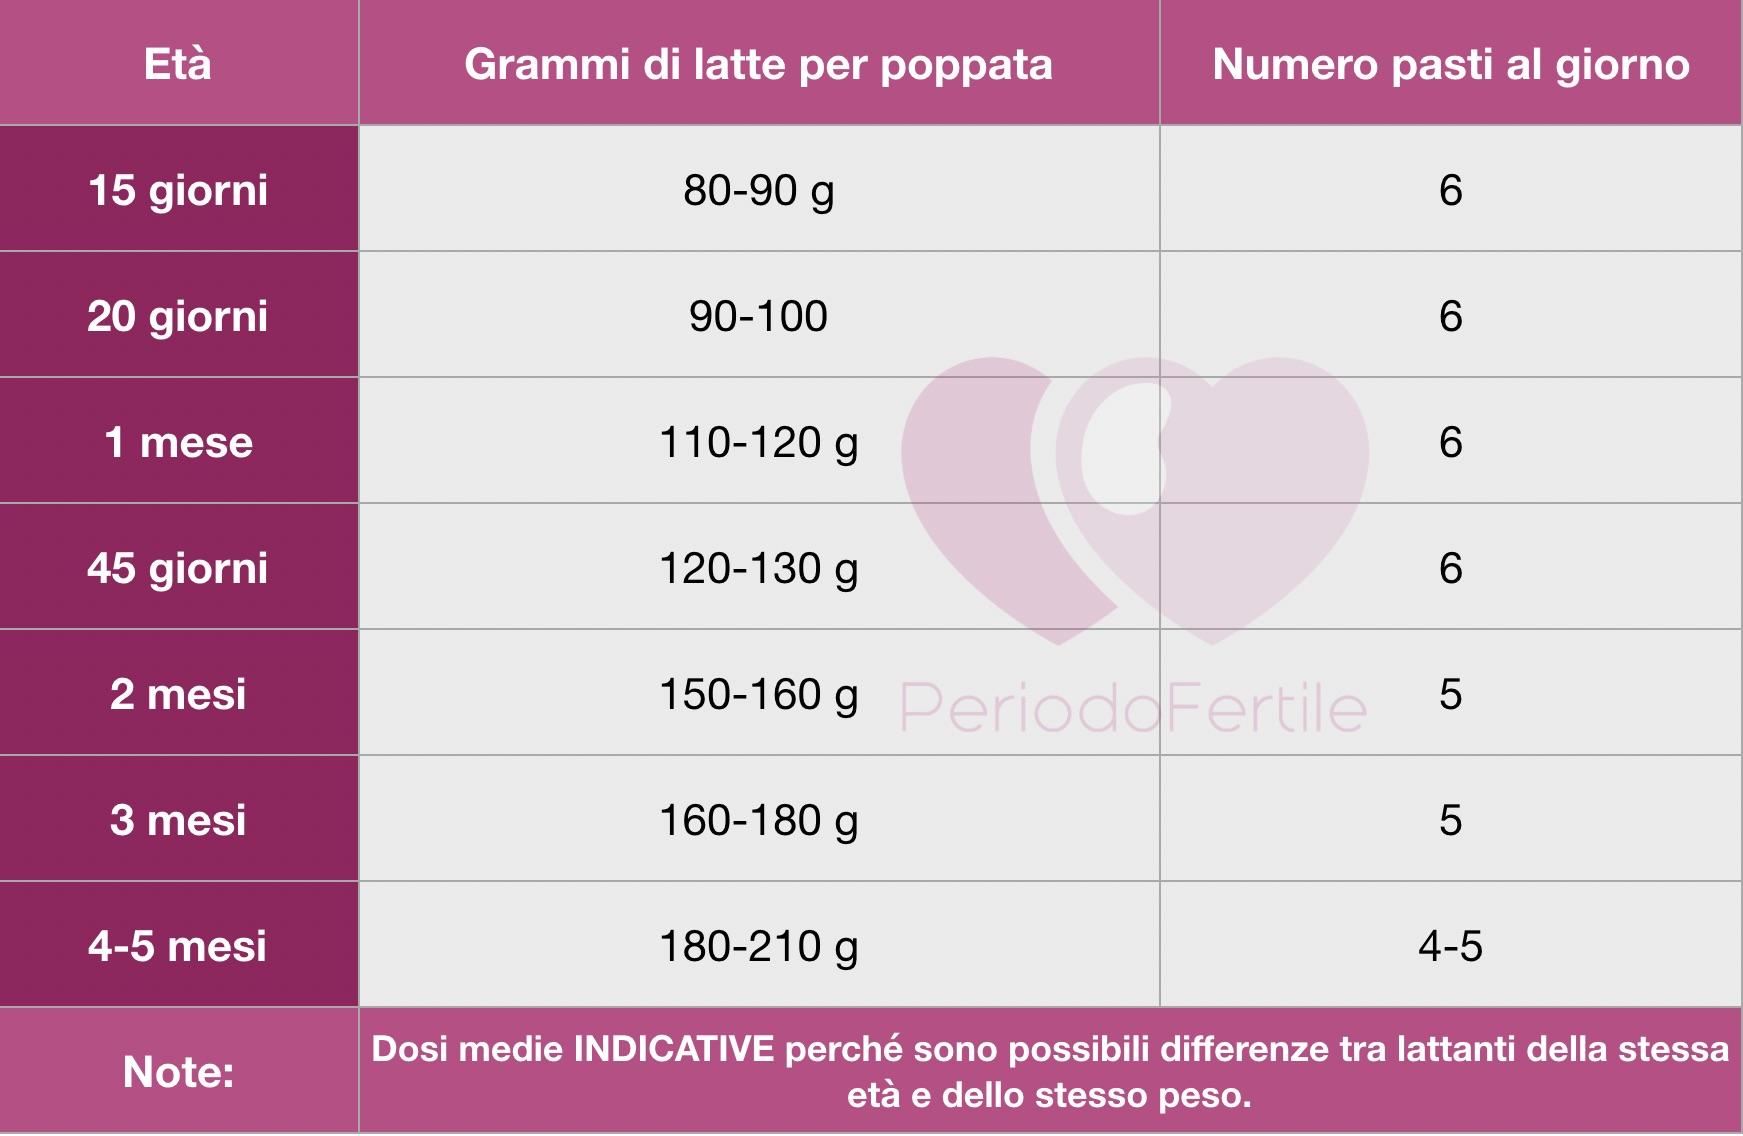 a487a4c528 Latte artificiale: schema poppate da 0 a 6 mesi - PeriodoFertile.it